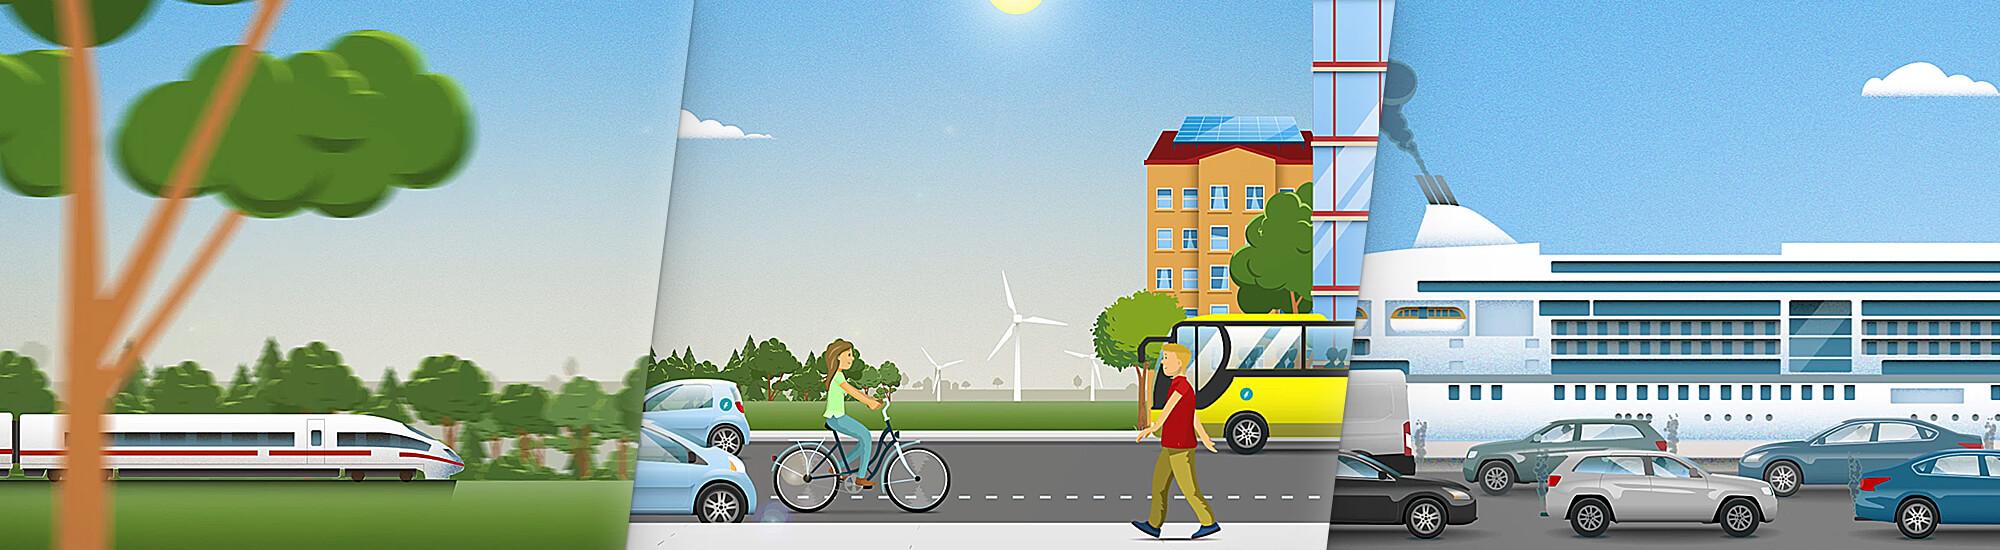 Erklärvideo: Illustrationen Klimaschutz im Verkehr alternative Energiequellen und E-Mobilität